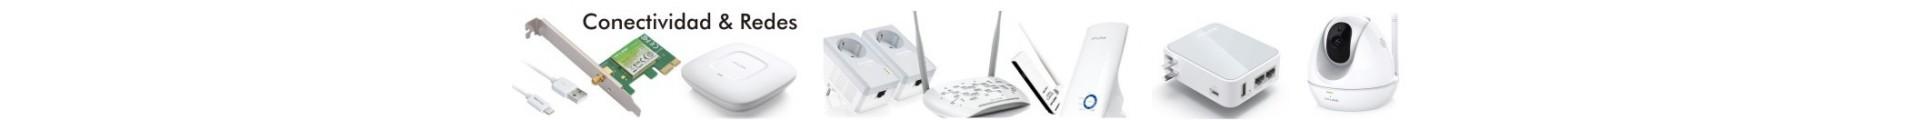 Conectividad & Redes